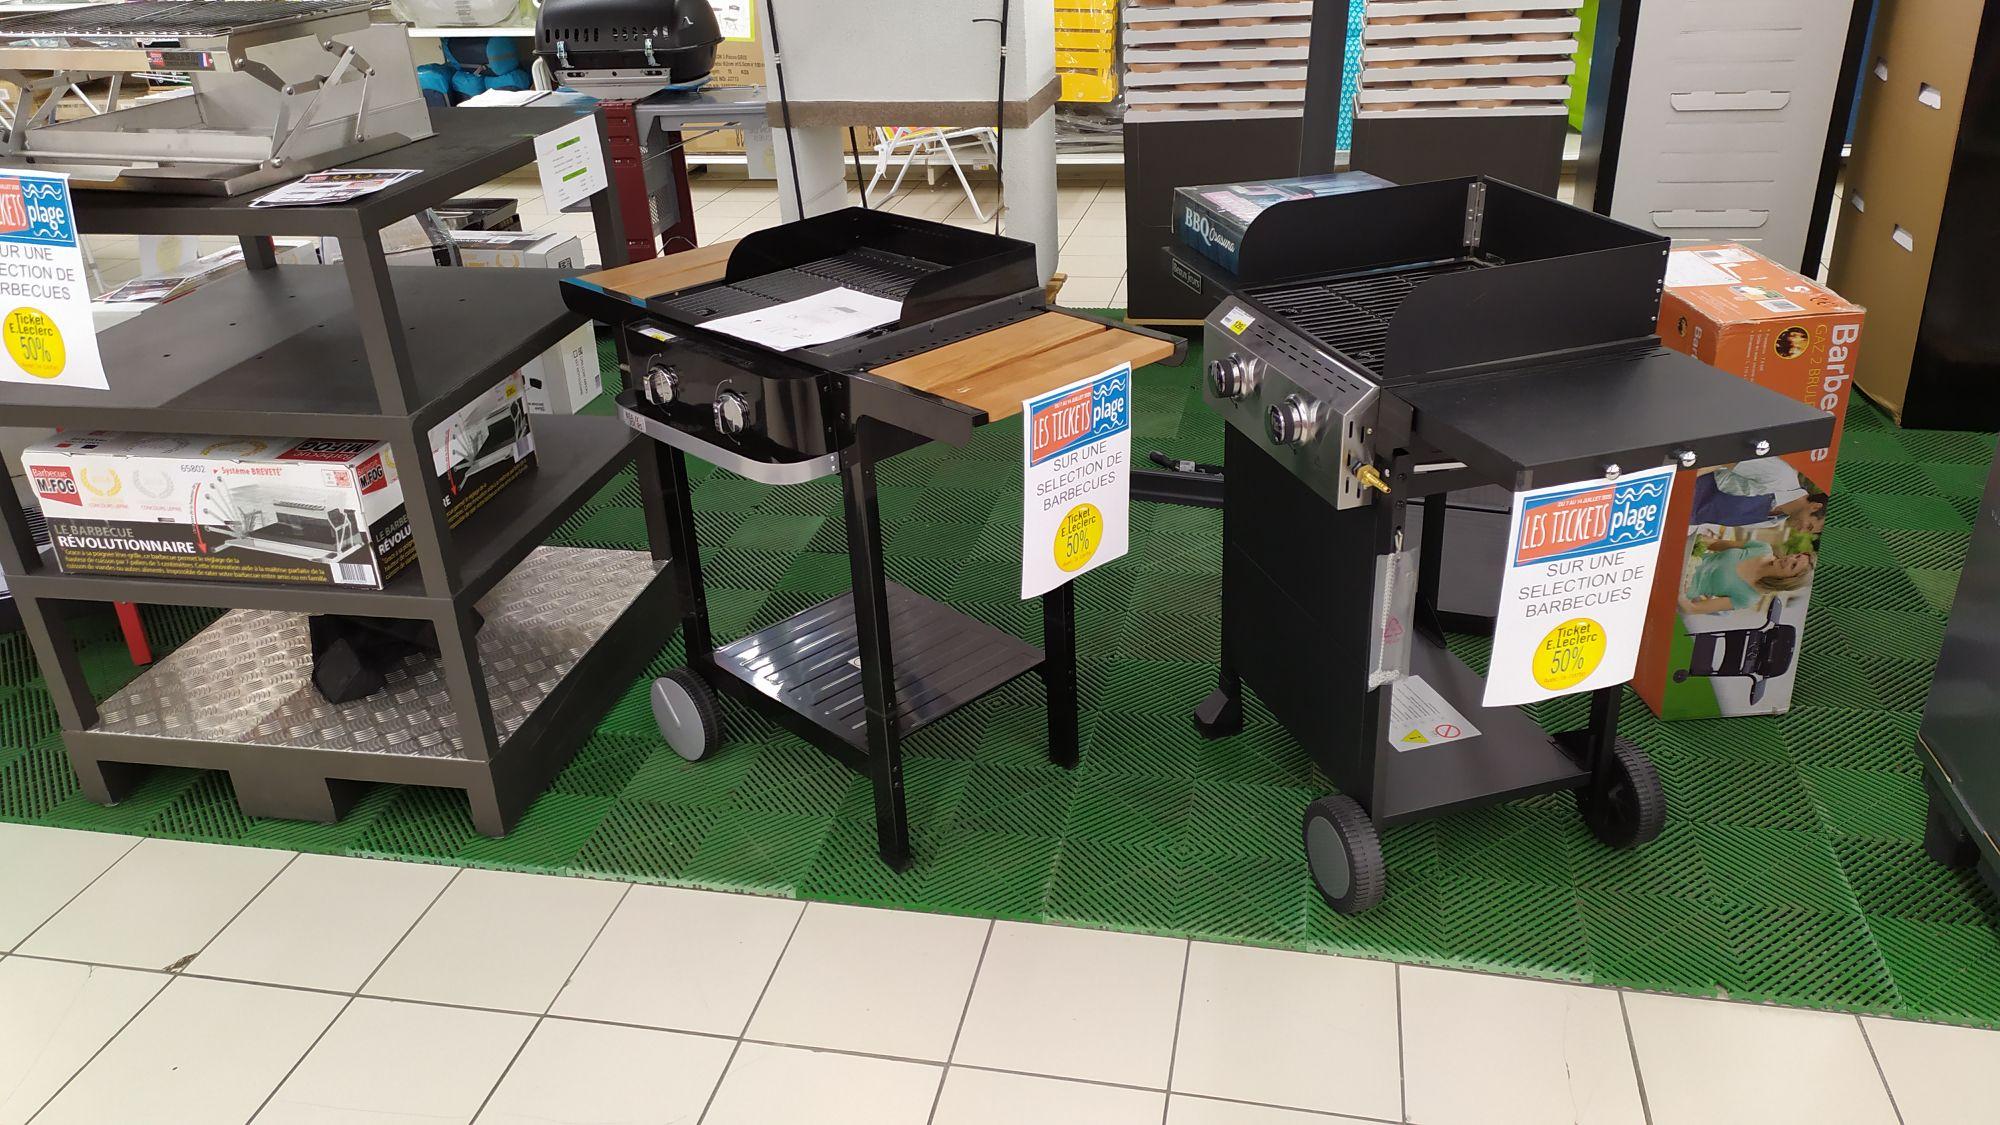 50% remboursés sur carte fidélité sur une sélection de barbecues - Rouffiac Tolosan (31)